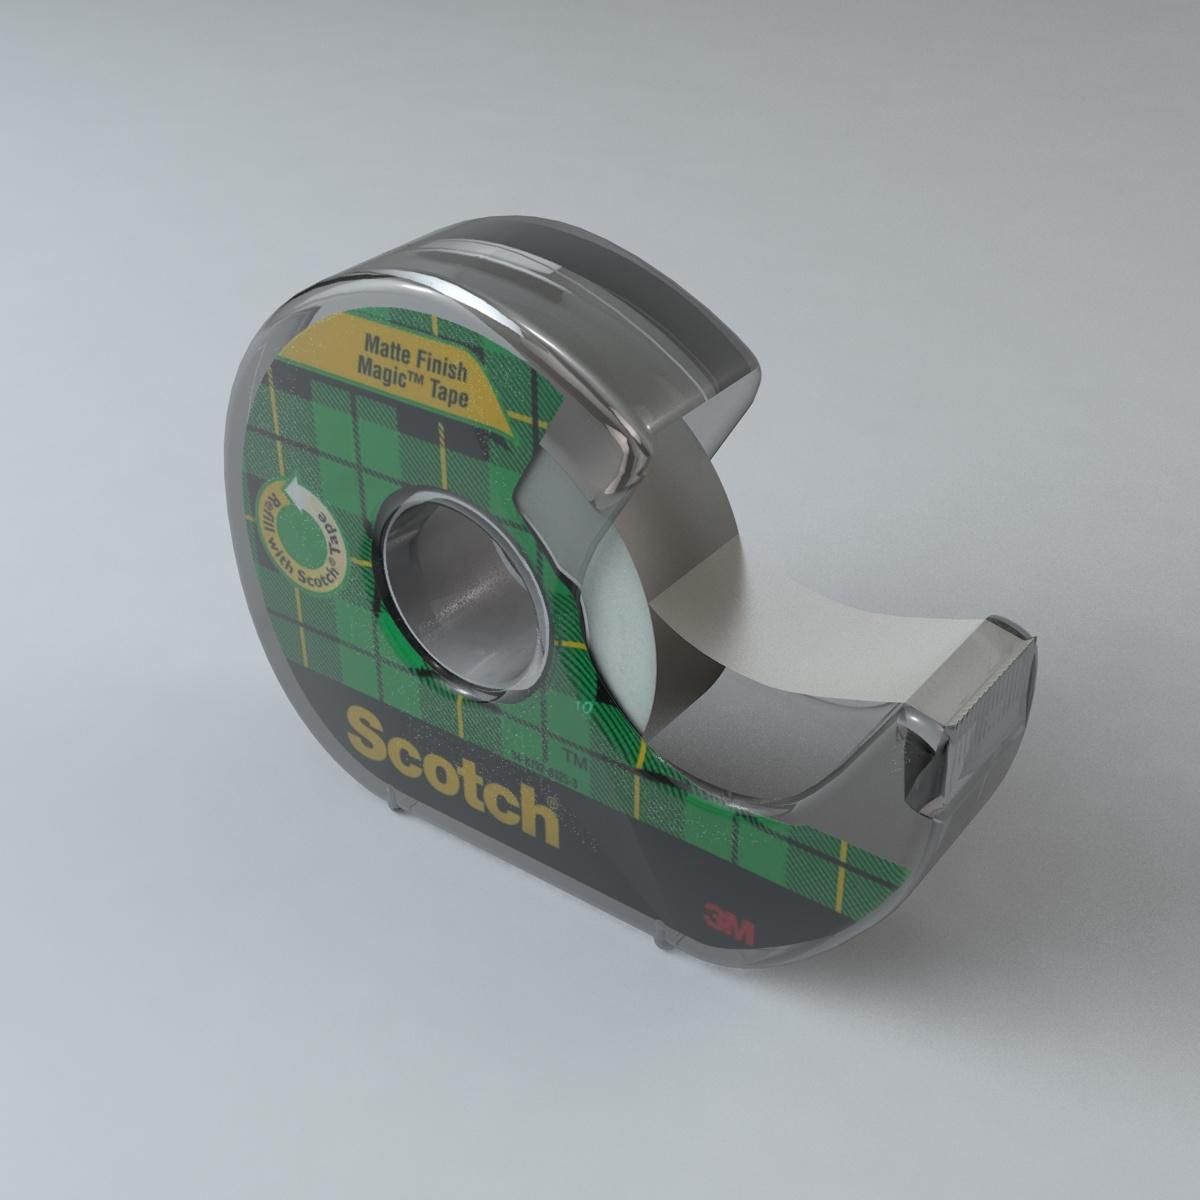 Tape Dispenser Scotch